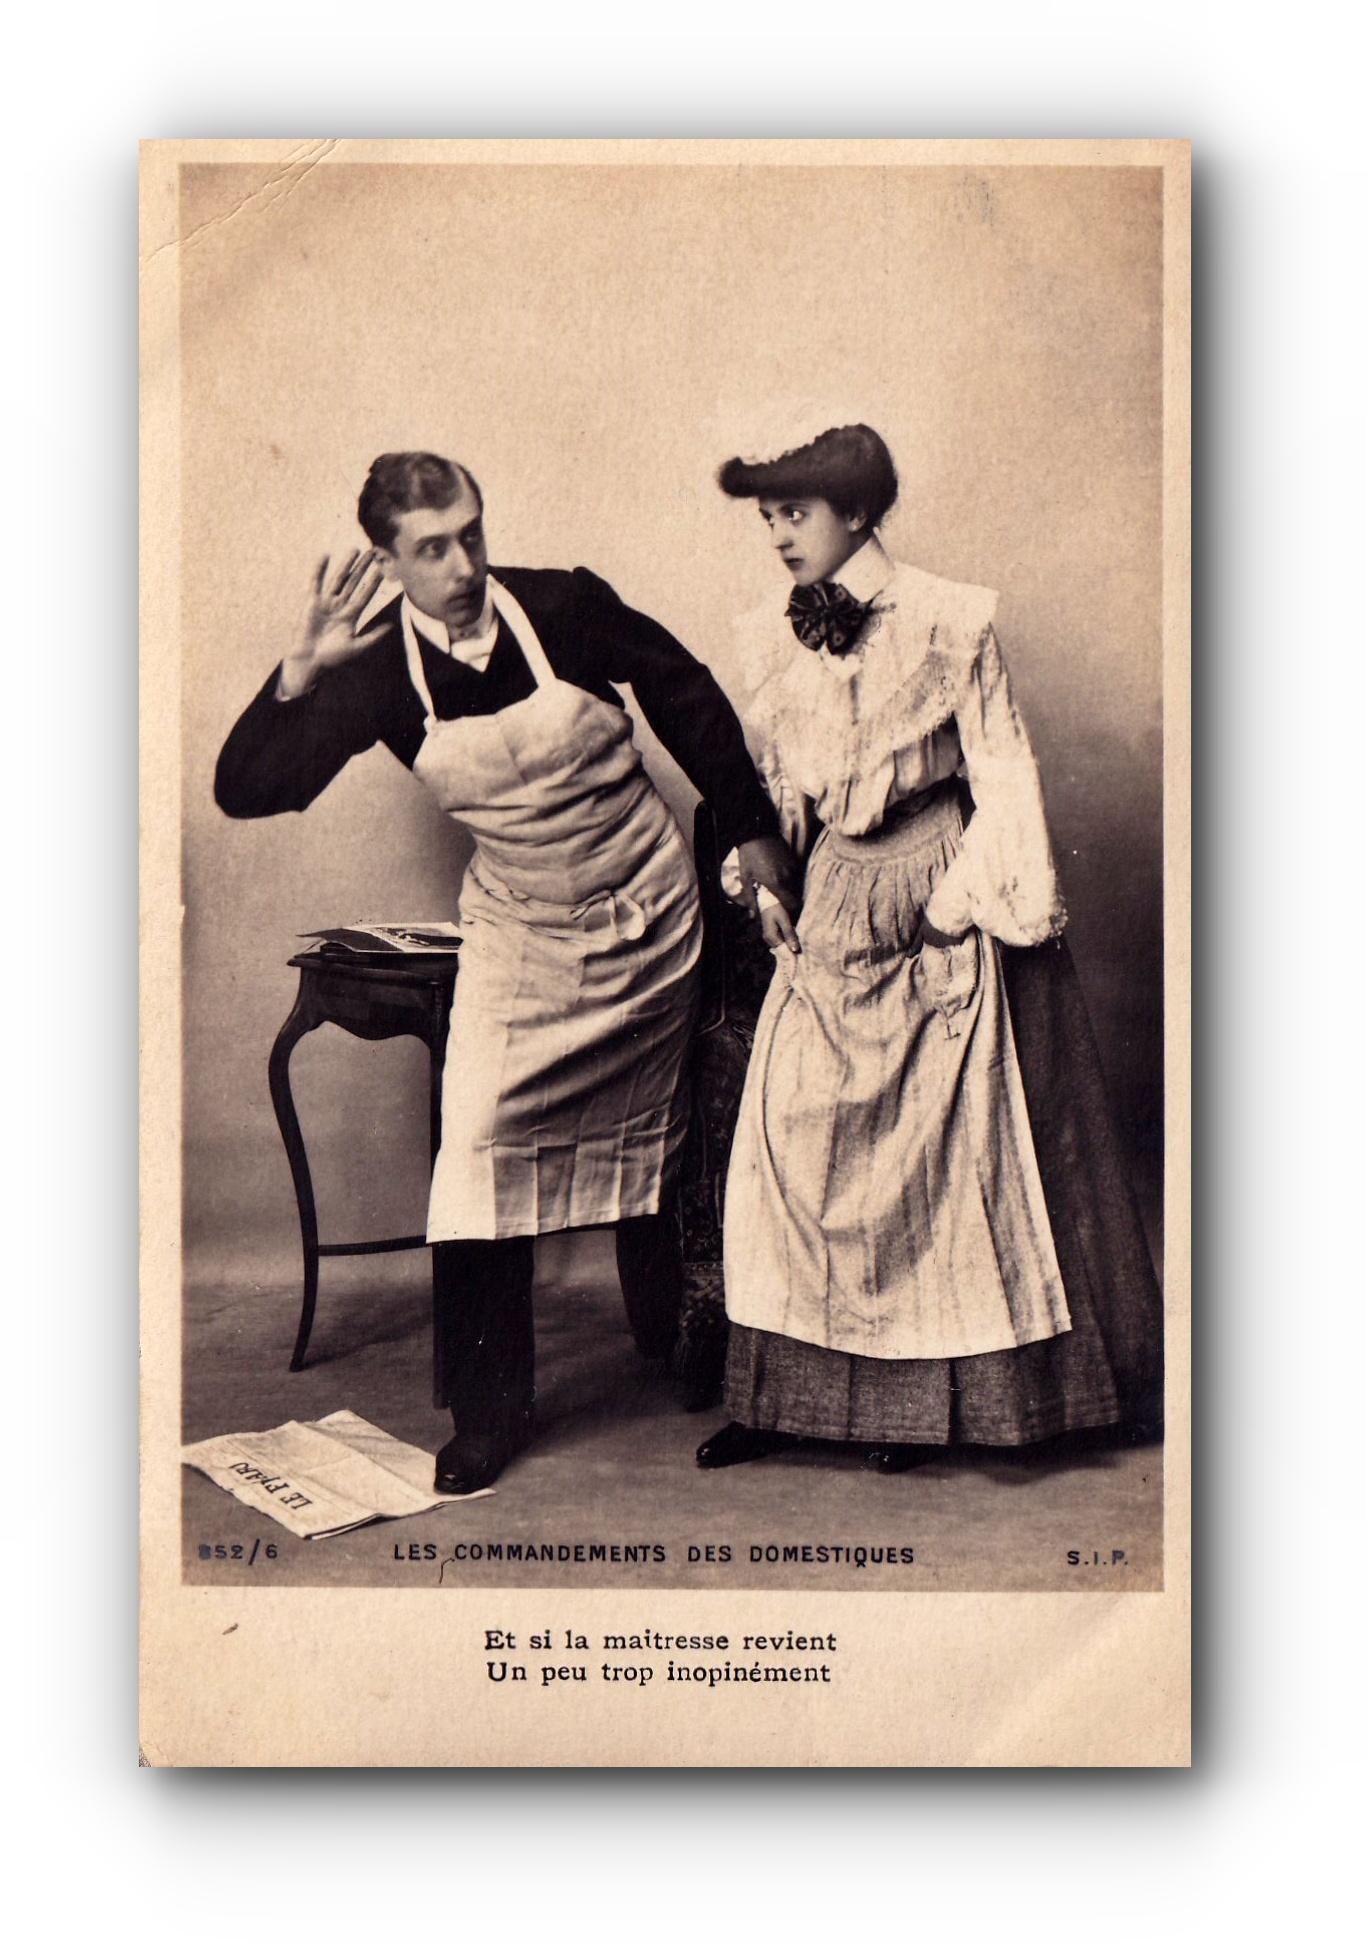 Les commandements des domestiques - 1924 - Die Gebote der Diener - The servants' commandments